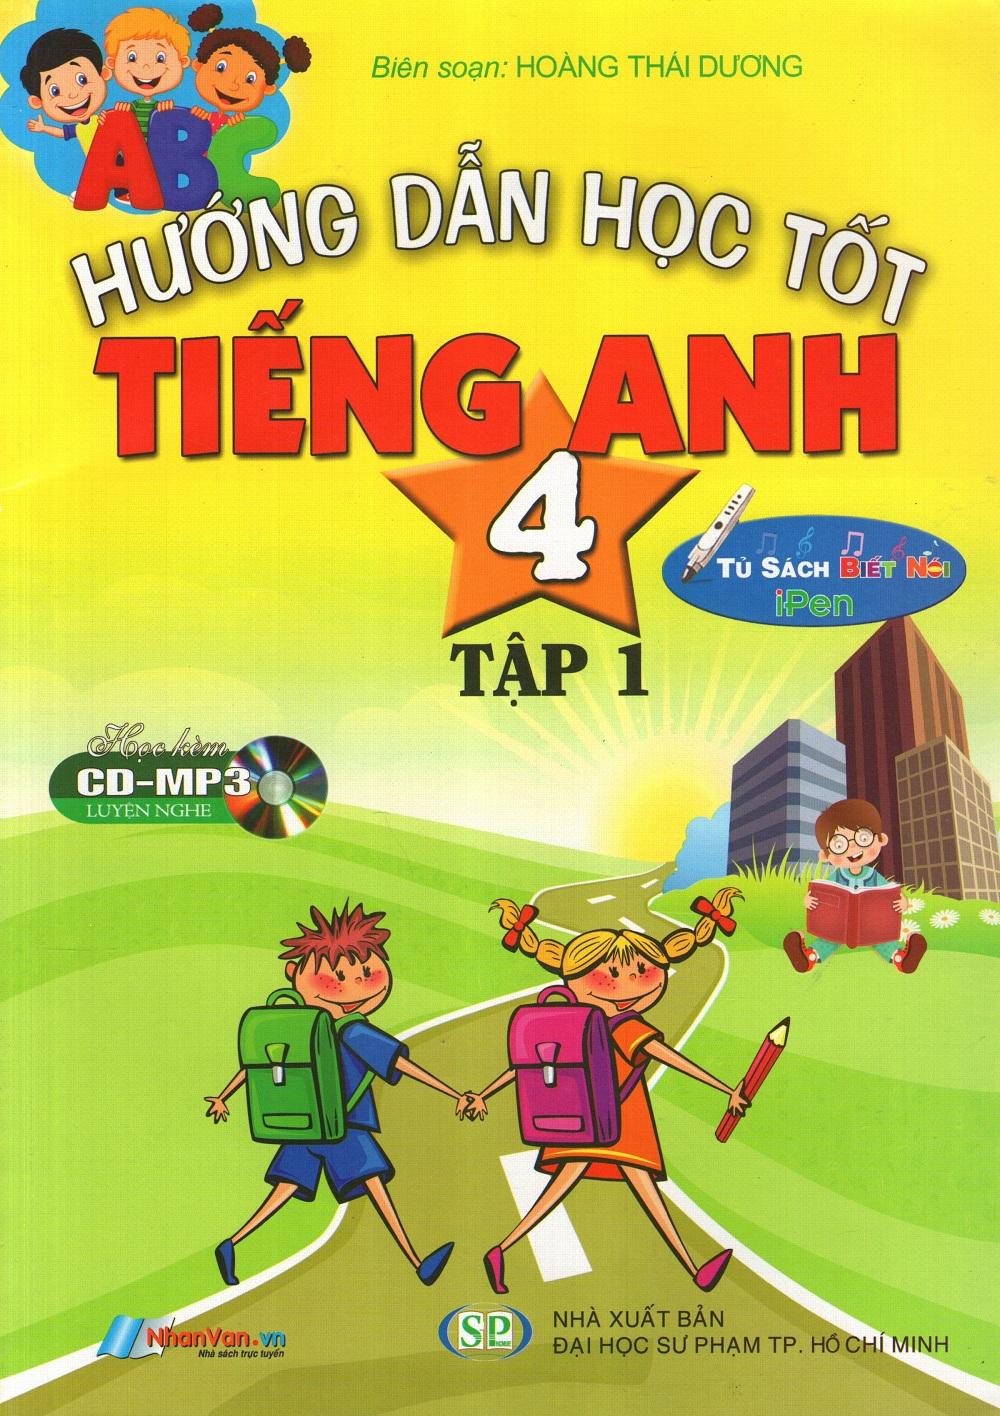 Bìa sách Hướng Dẫn Học Tốt Tiếng Anh Lớp 4 (Tập 1) (Kèm CD)